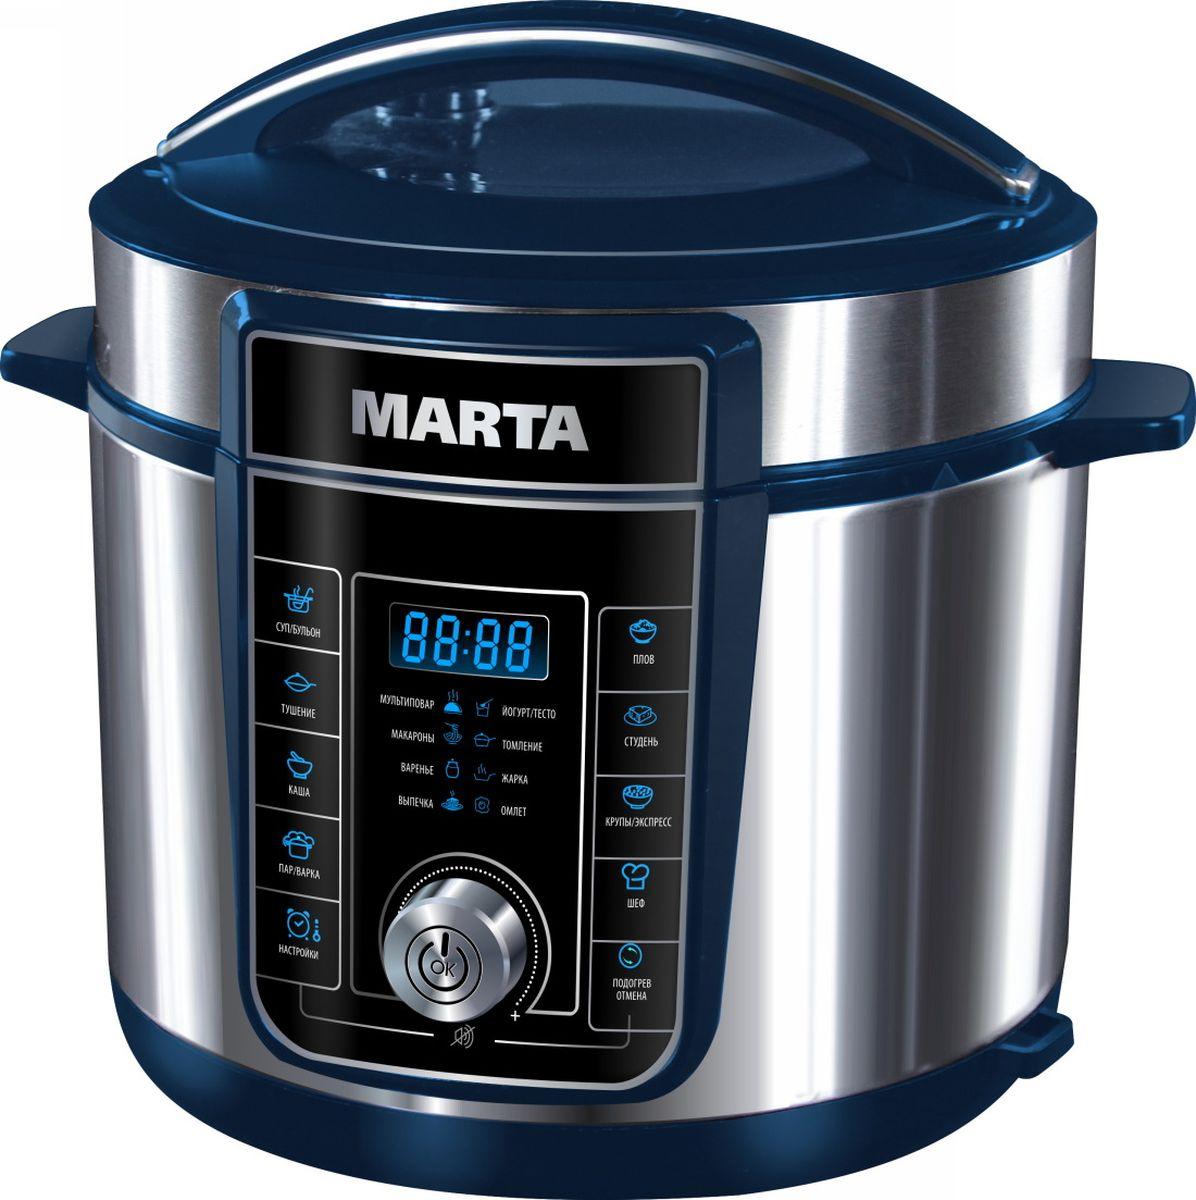 Marta MT-4321, Blue Sapphire мультиваркаMT-4321 сапфирMarta MT-4321 - уникальная мультиварка-скороварка, обладающая совершенным дизайном и всеми возможными функциями. Прибор позволяет готовить с давлением и без давления.Marta MT-4321 комплектуется чашей с керамическим покрытием. Главной особенностью модели является то, что это универсальное устройство, которое совмещает функции мультиварки и скороварки. В ней есть программы, которые используют технологию приготовления пищи под давлением, а есть программы, присущие простым мультиваркам, в которых приготовление происходит без давления.Ваше блюдо никогда не подгорит, сохранит свой вкус, аромат и витамины. Сенсорная панель и джойстик дарят простоту и удобство управления. 32 программы приготовления, из которых 16 - полностью автоматические: 8 работают в режиме скороварки и 8 - в режиме мультиварки. Остальные 16 программ настраиваются вручную. А для полного раскрытия кулинарного таланта - программа Мультиповар в комбинации с программой Шеф и функцией Шеф Про!Как выбрать мультиварку. Статья OZON Гид